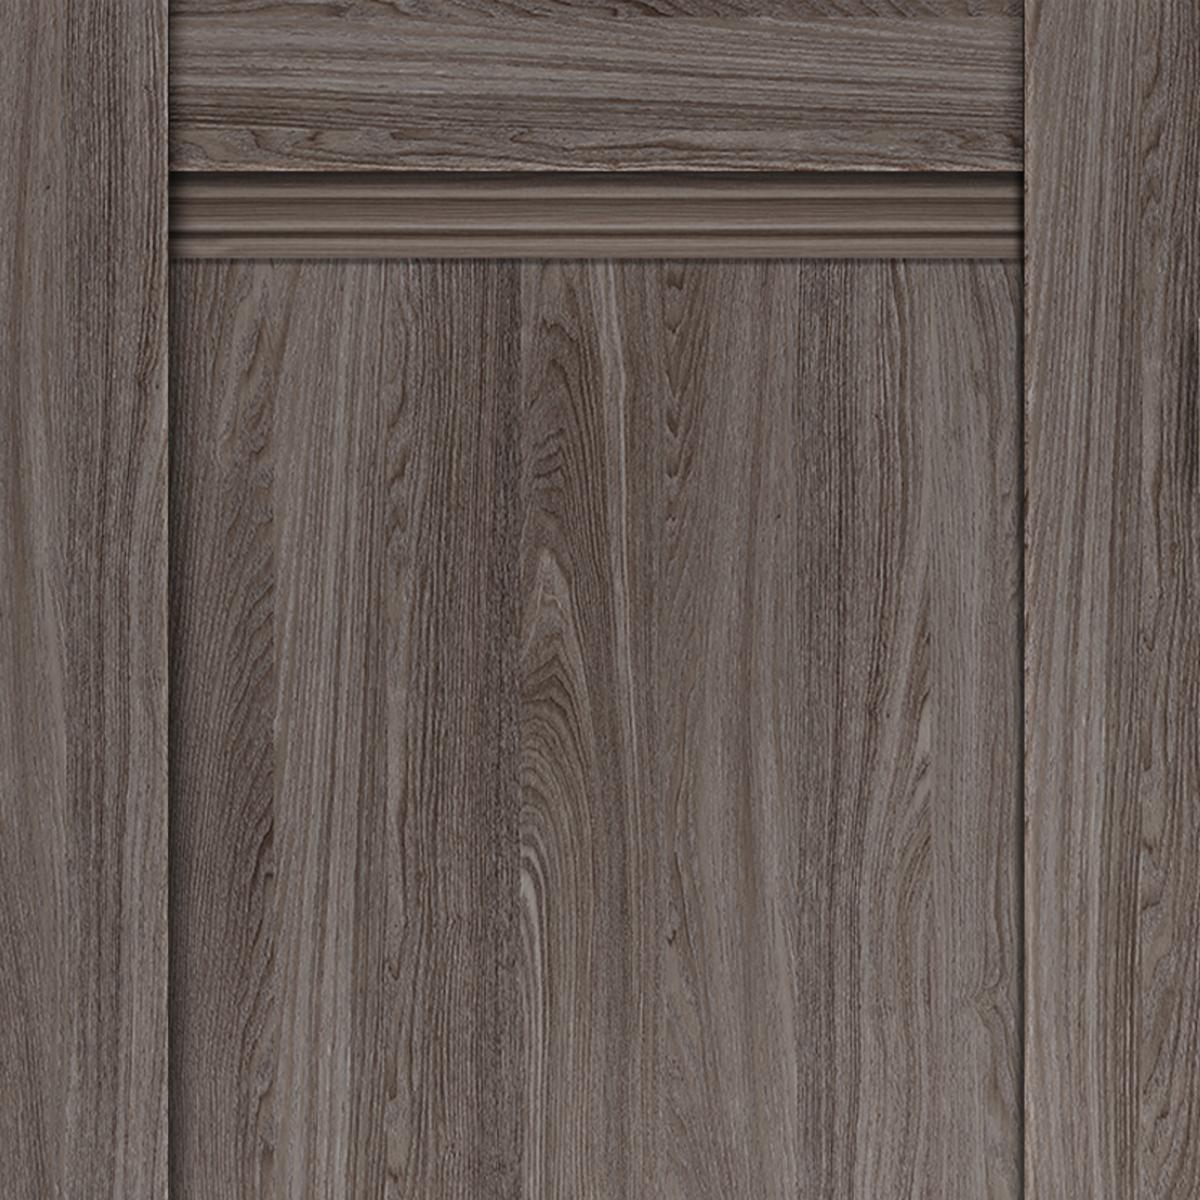 Дверь Межкомнатная Глухая С Замком И Петлями В Комплекте «Тоскана» 60x200 Цвет Ясень Анкор